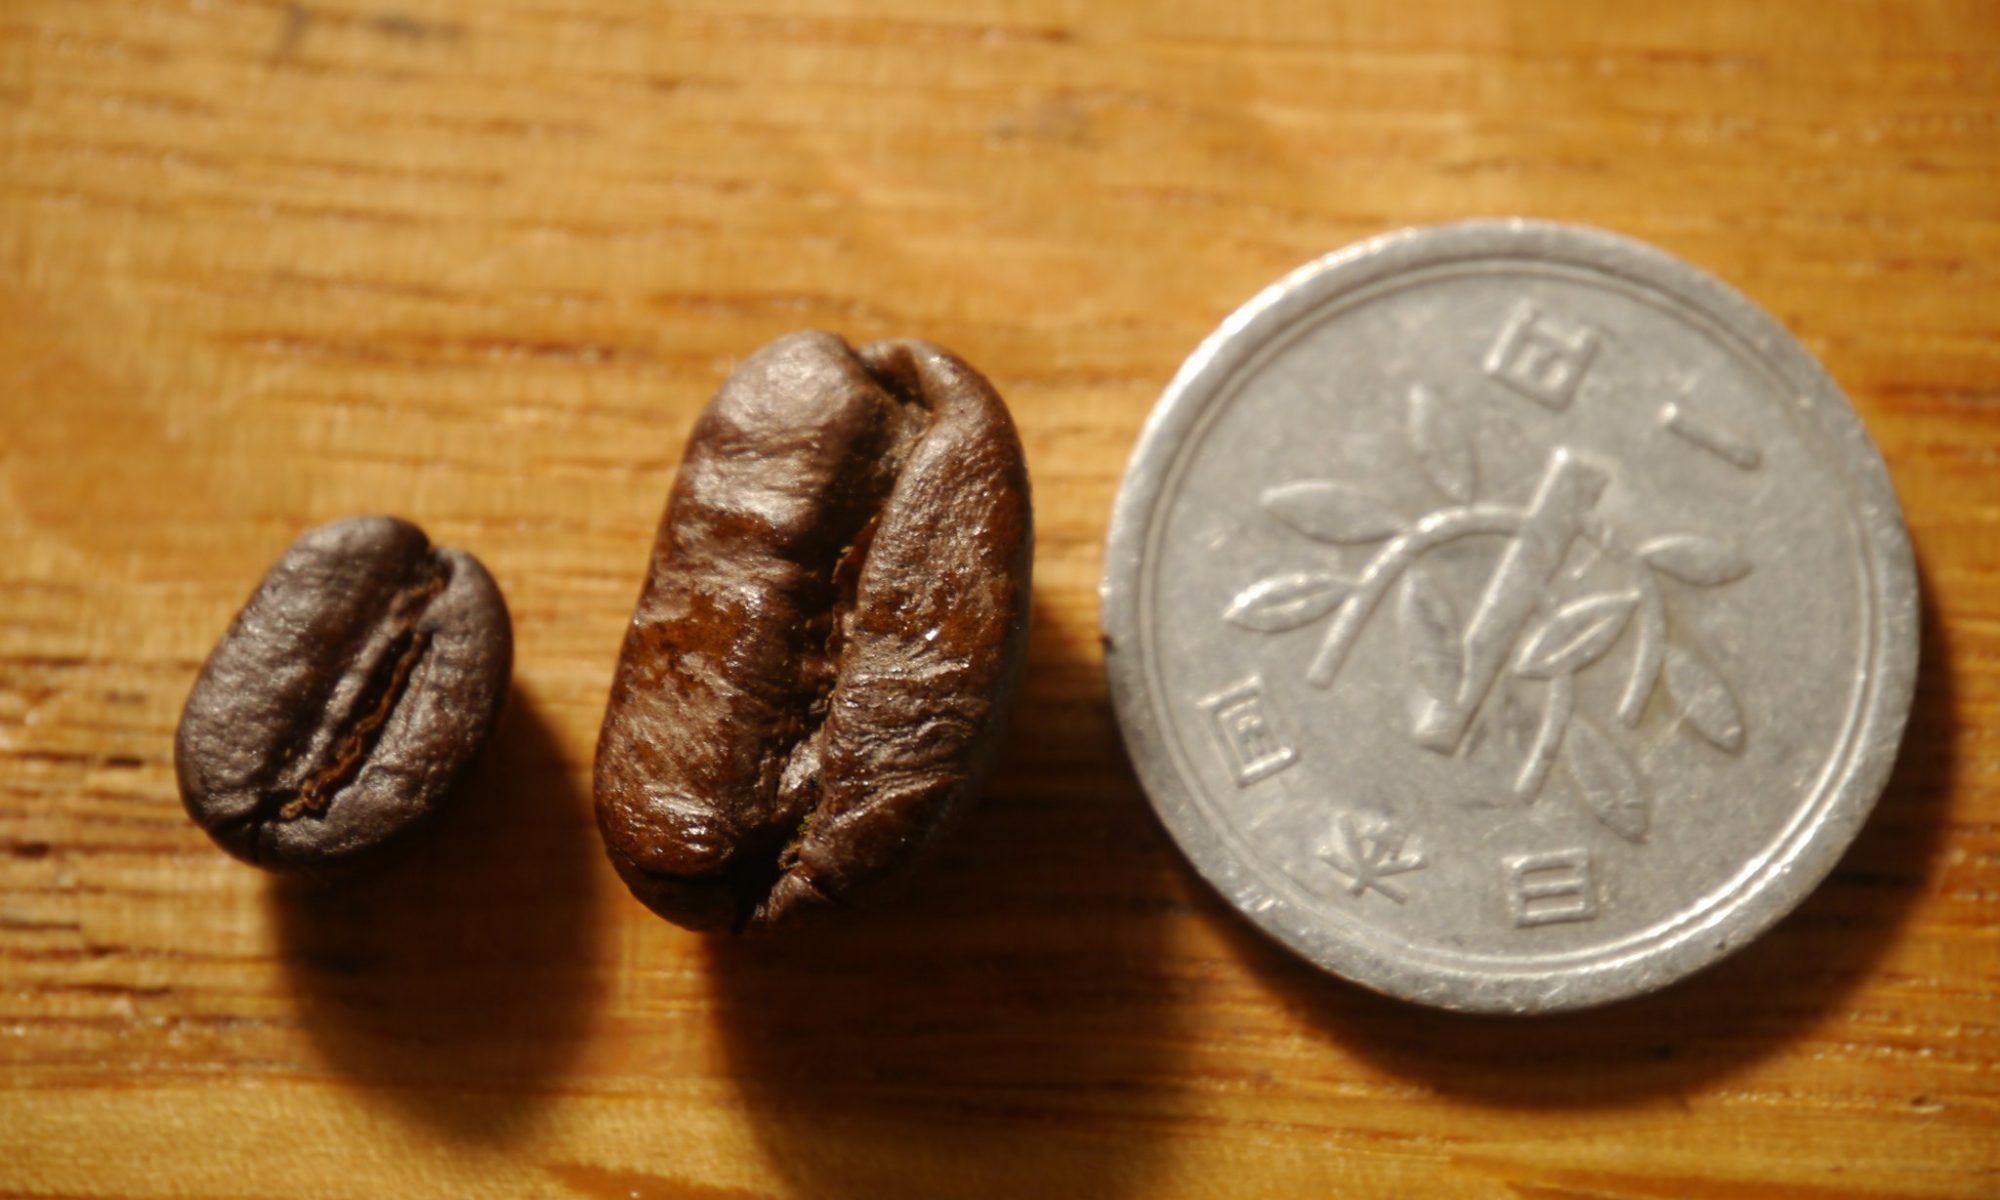 パカマラ種の巨大なコーヒー豆